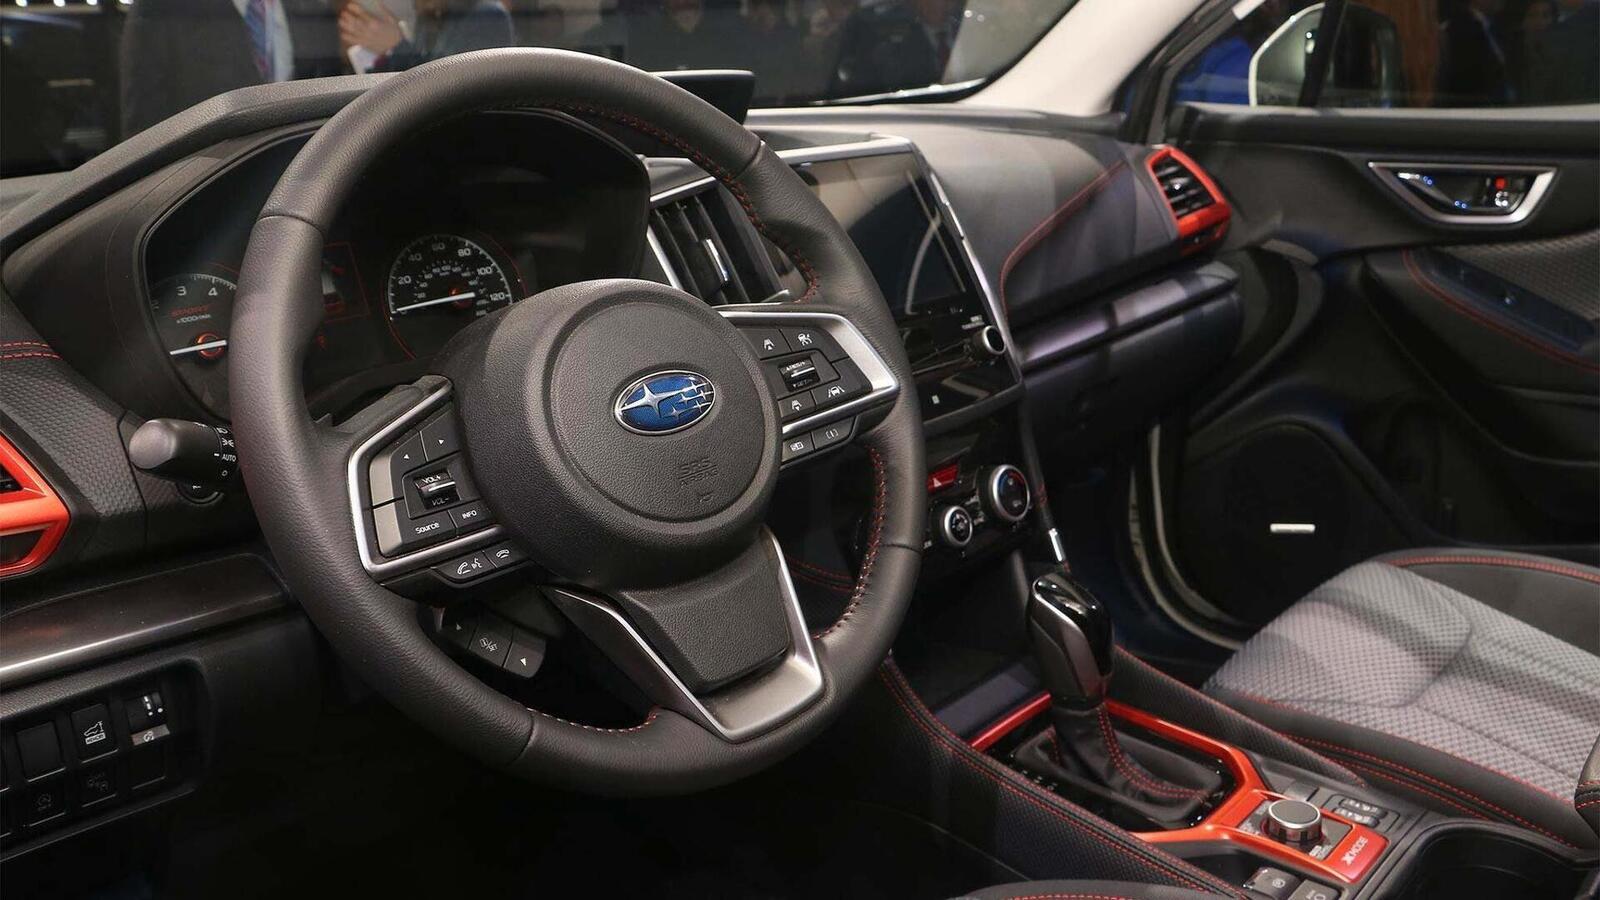 Subaru Forester 2019: Thay đổi nội ngoại thất, động cơ mạnh hơn, thêm nhiều phiên bản - Hình 17